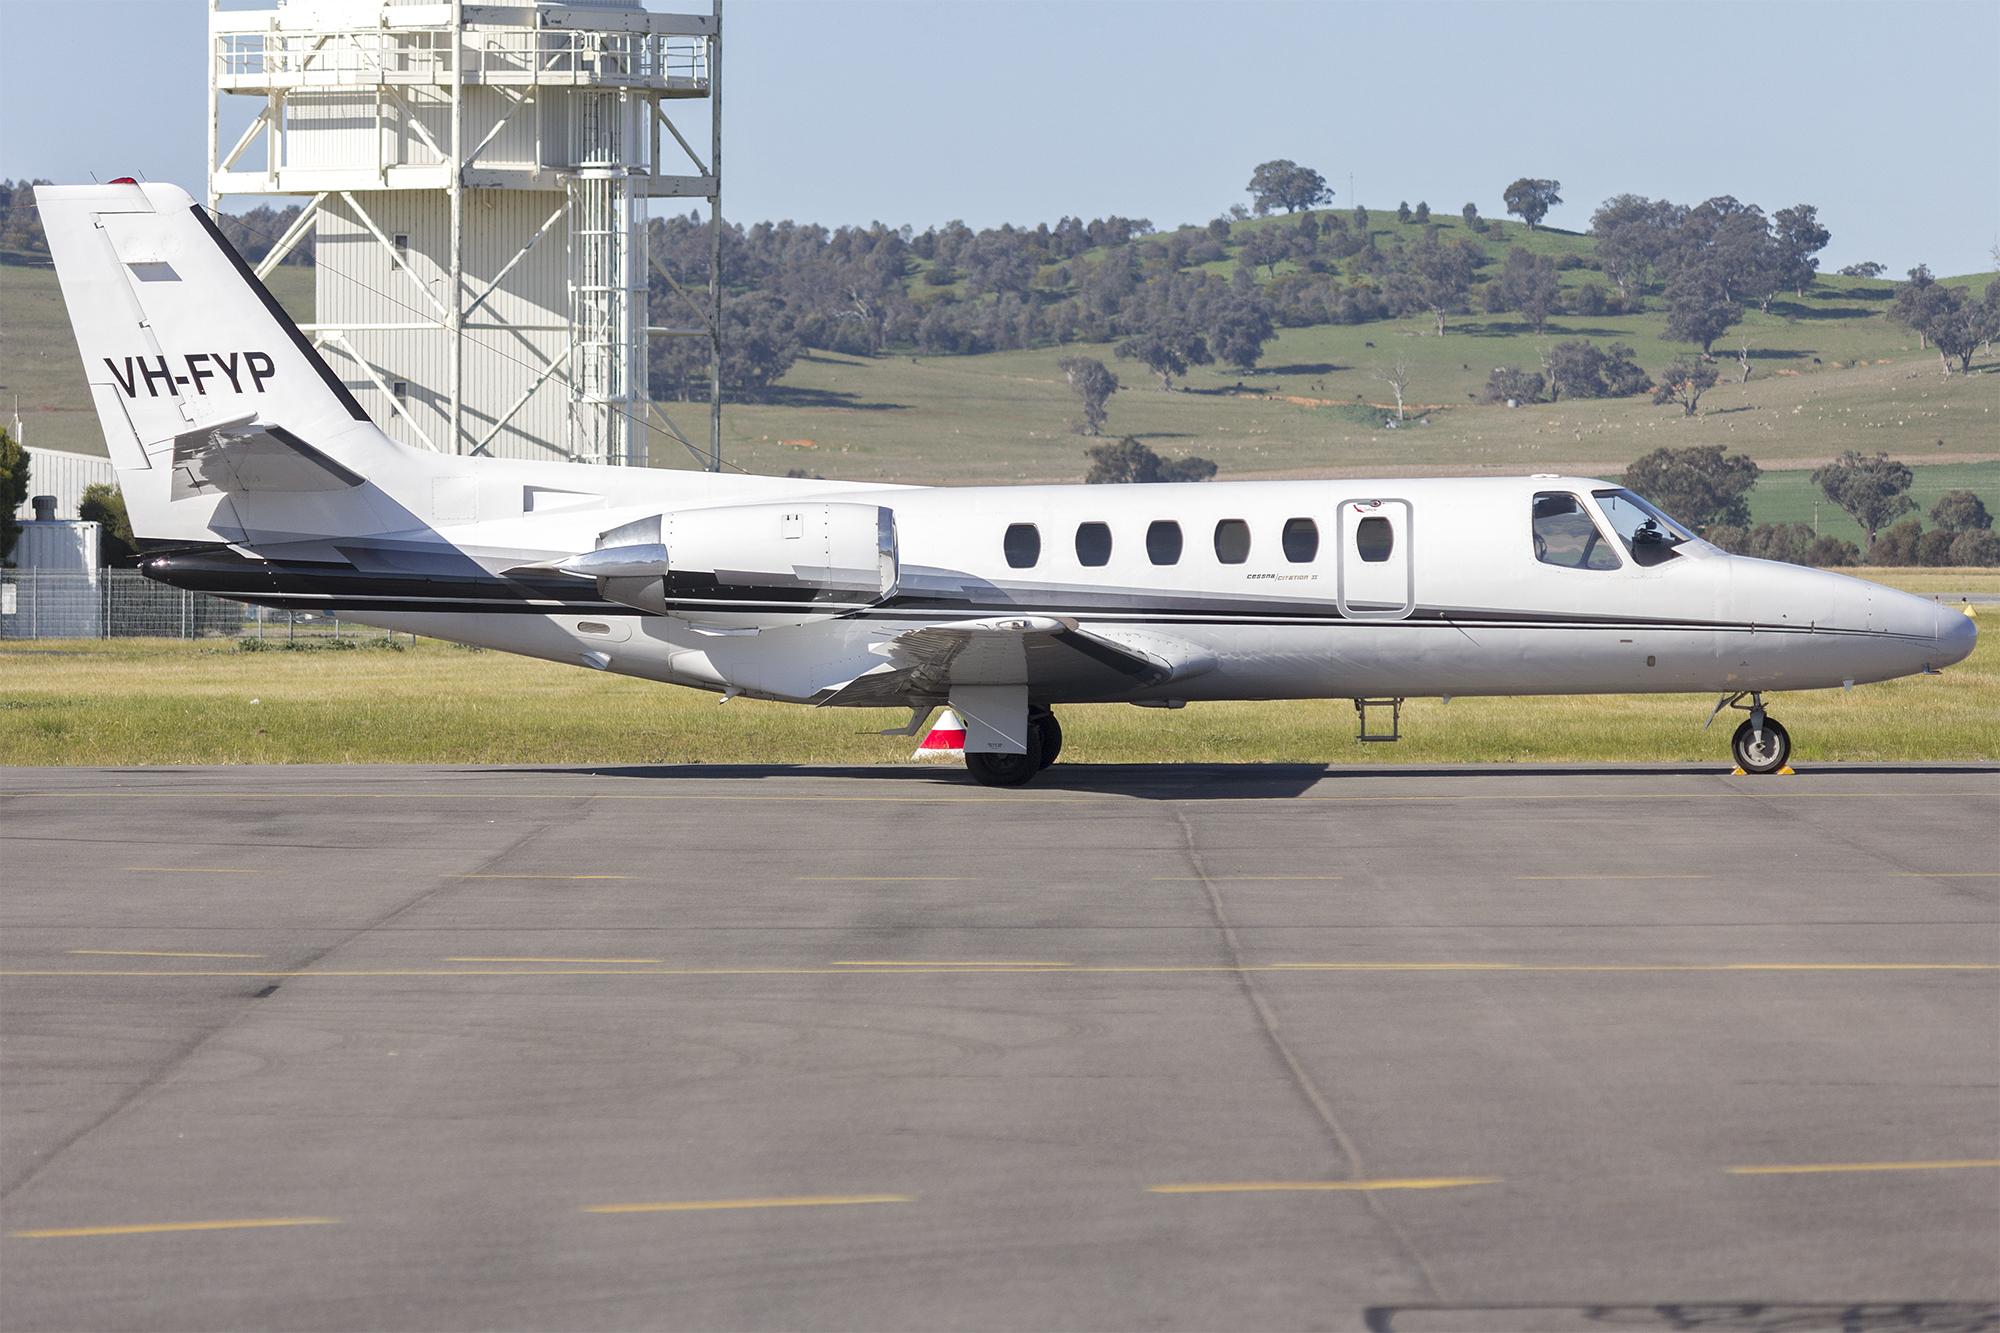 Skypac_Aviation_%28VH-FYP%29_Cessna_550_